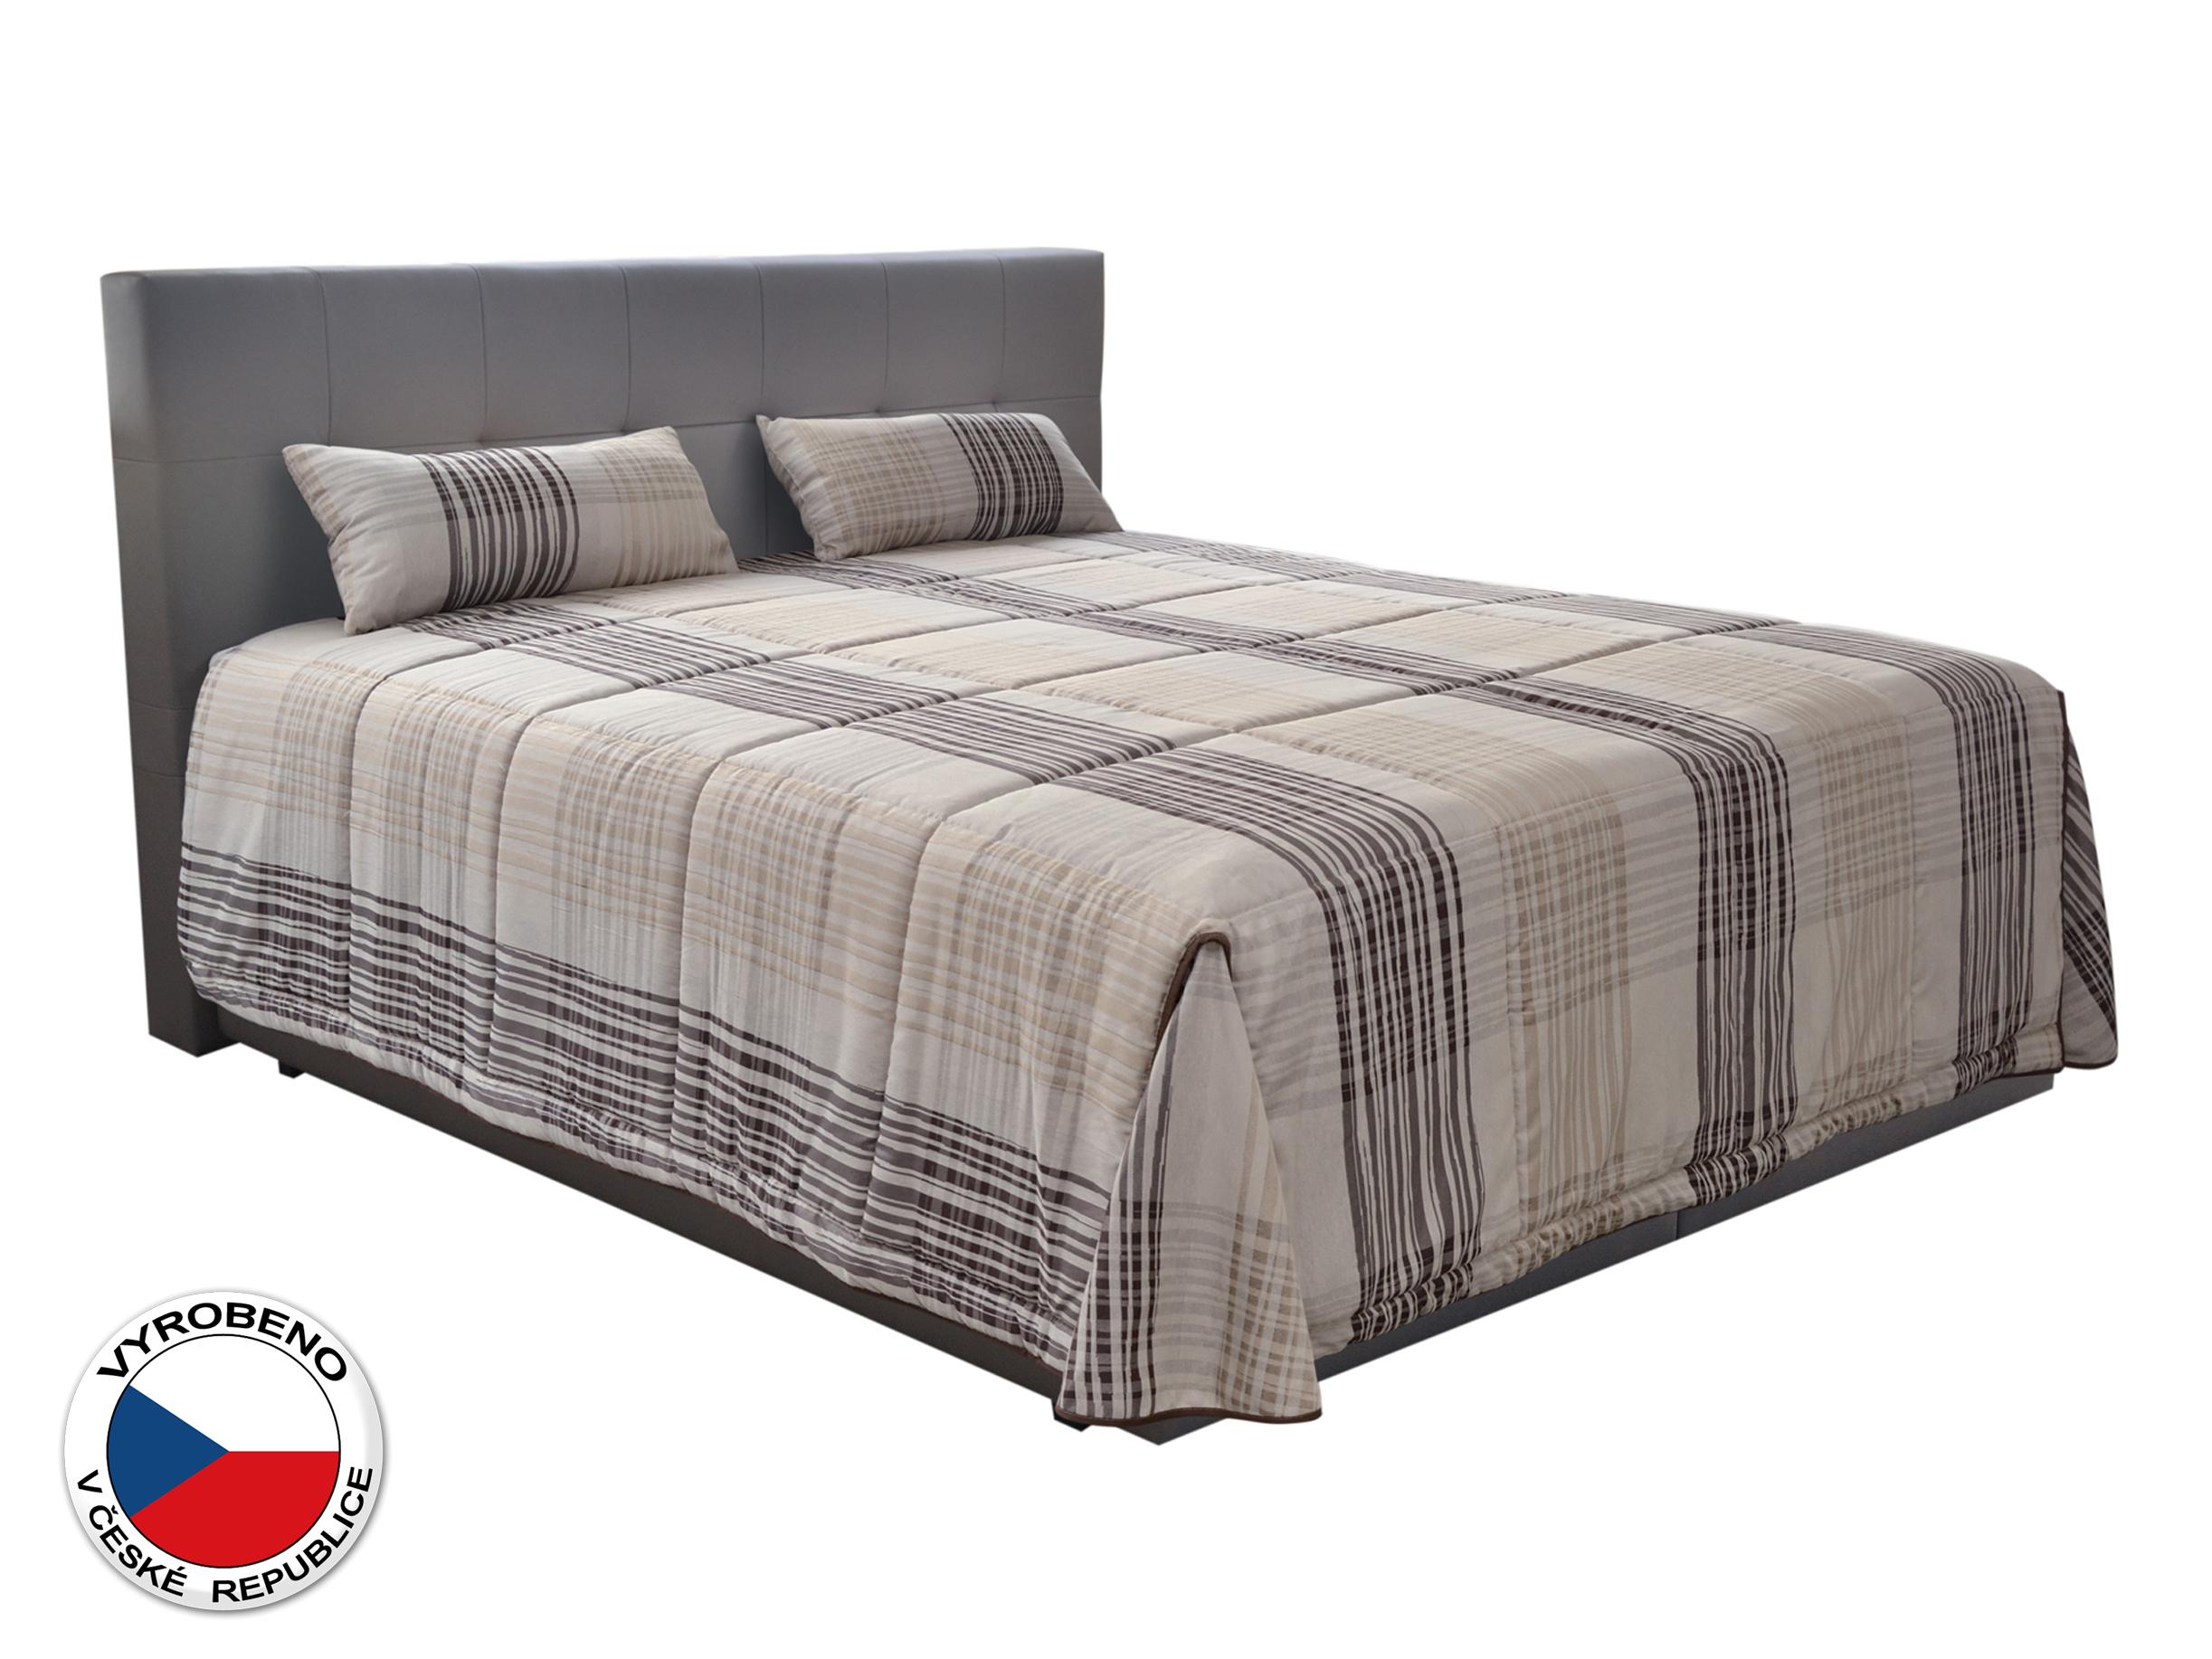 Manželská postel 180 cm - Blanář - Samba (béžová + hnědá) (s matracemi)